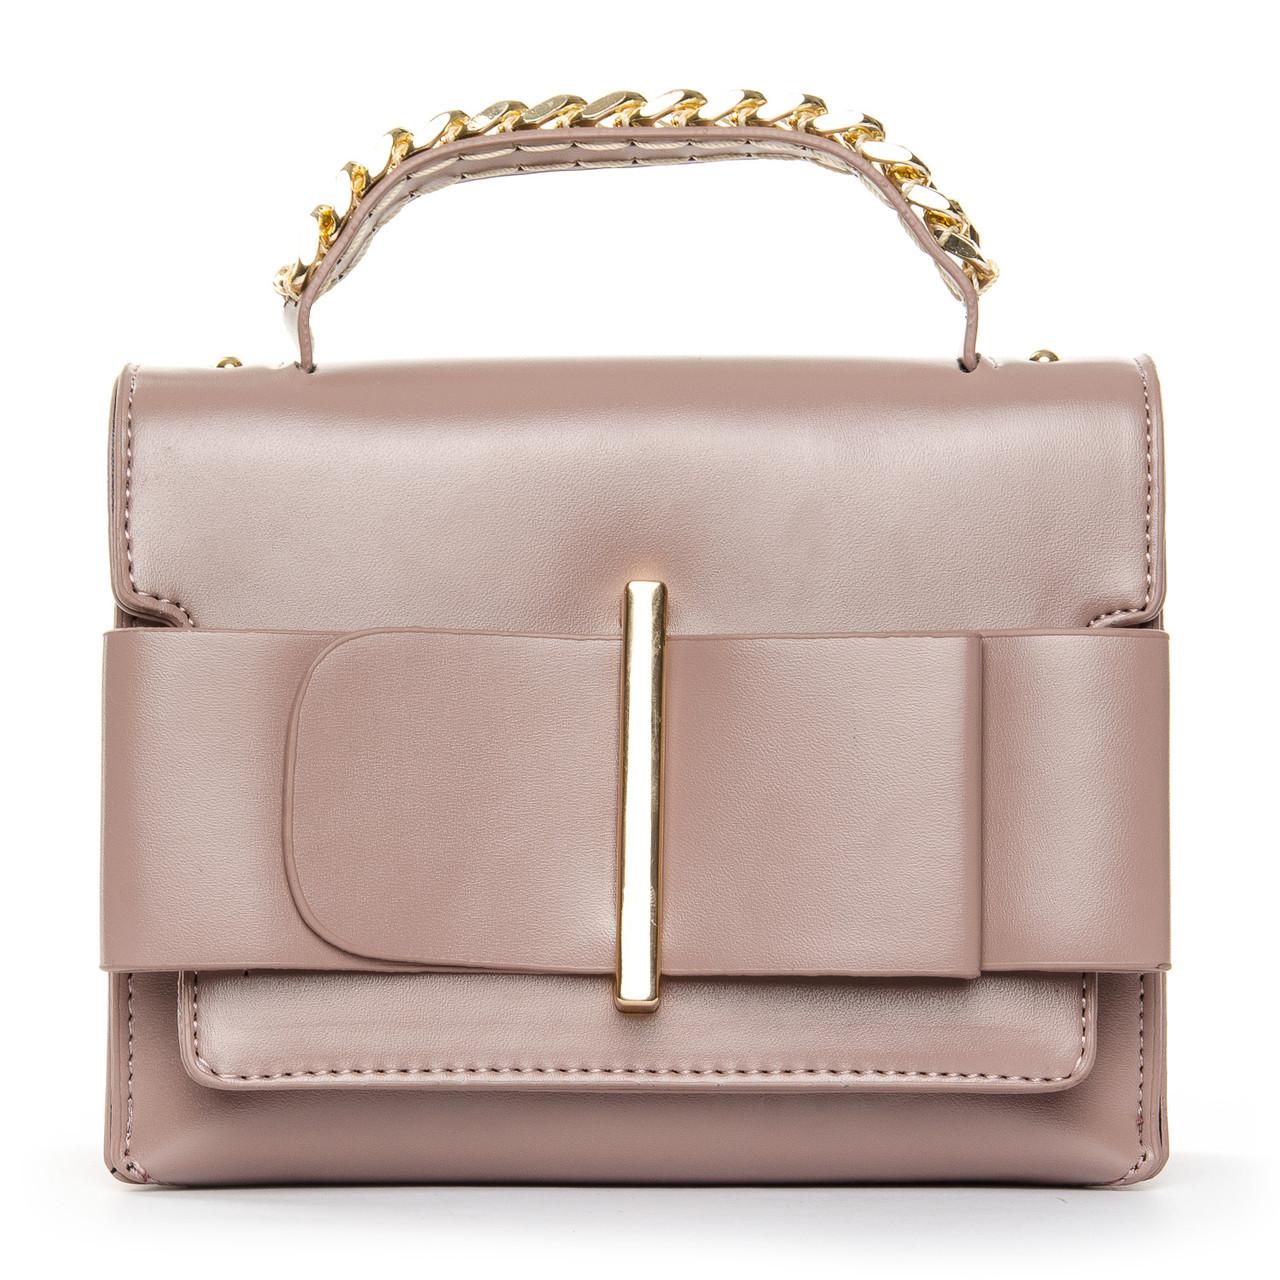 Сумка Женская Классическая иск-кожа FASHION 1-04 813 pink